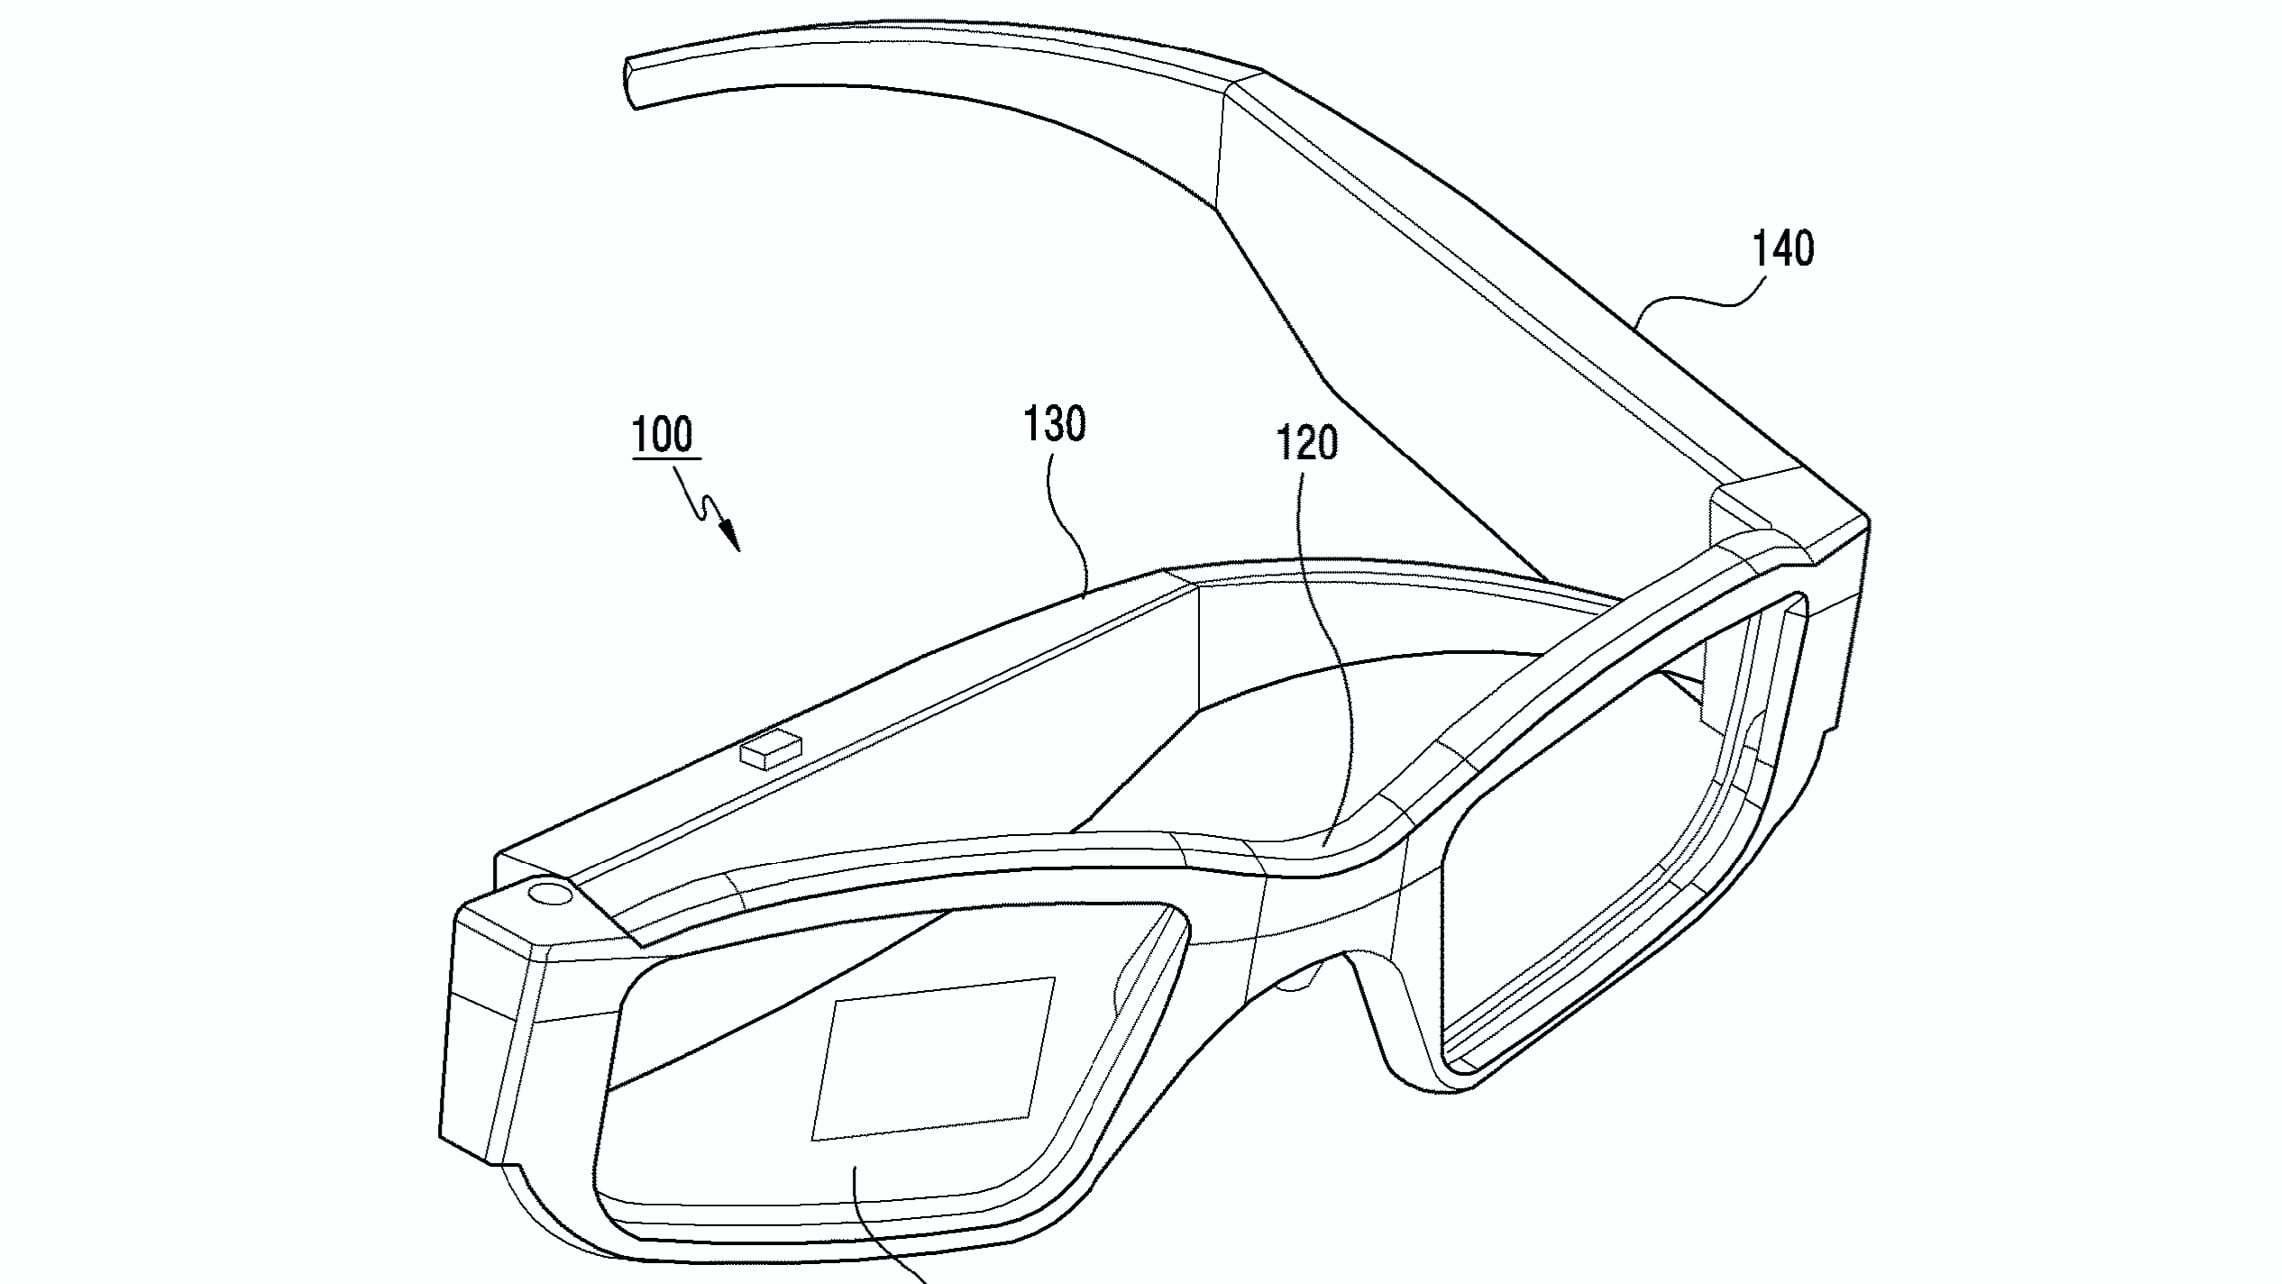 Samsung regista patente para óculos de realidade aumentada dobráveis